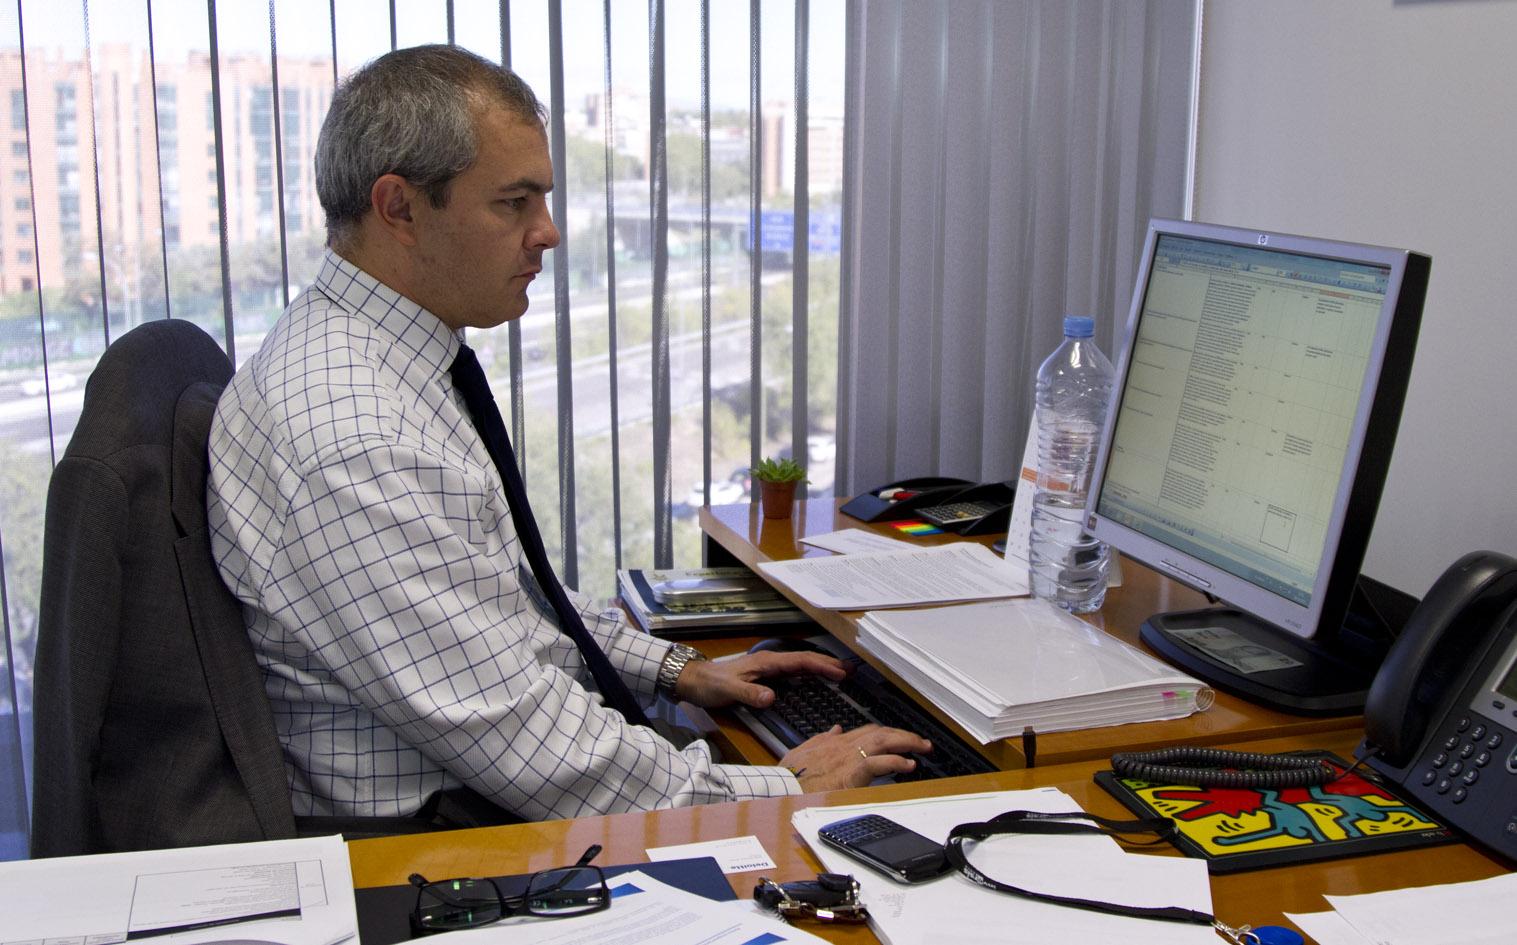 García Alejo: 'Cuando me jubile, ¿cuál es la renta que necesito para vivir? Y de ahí hacia atrás, planificar'